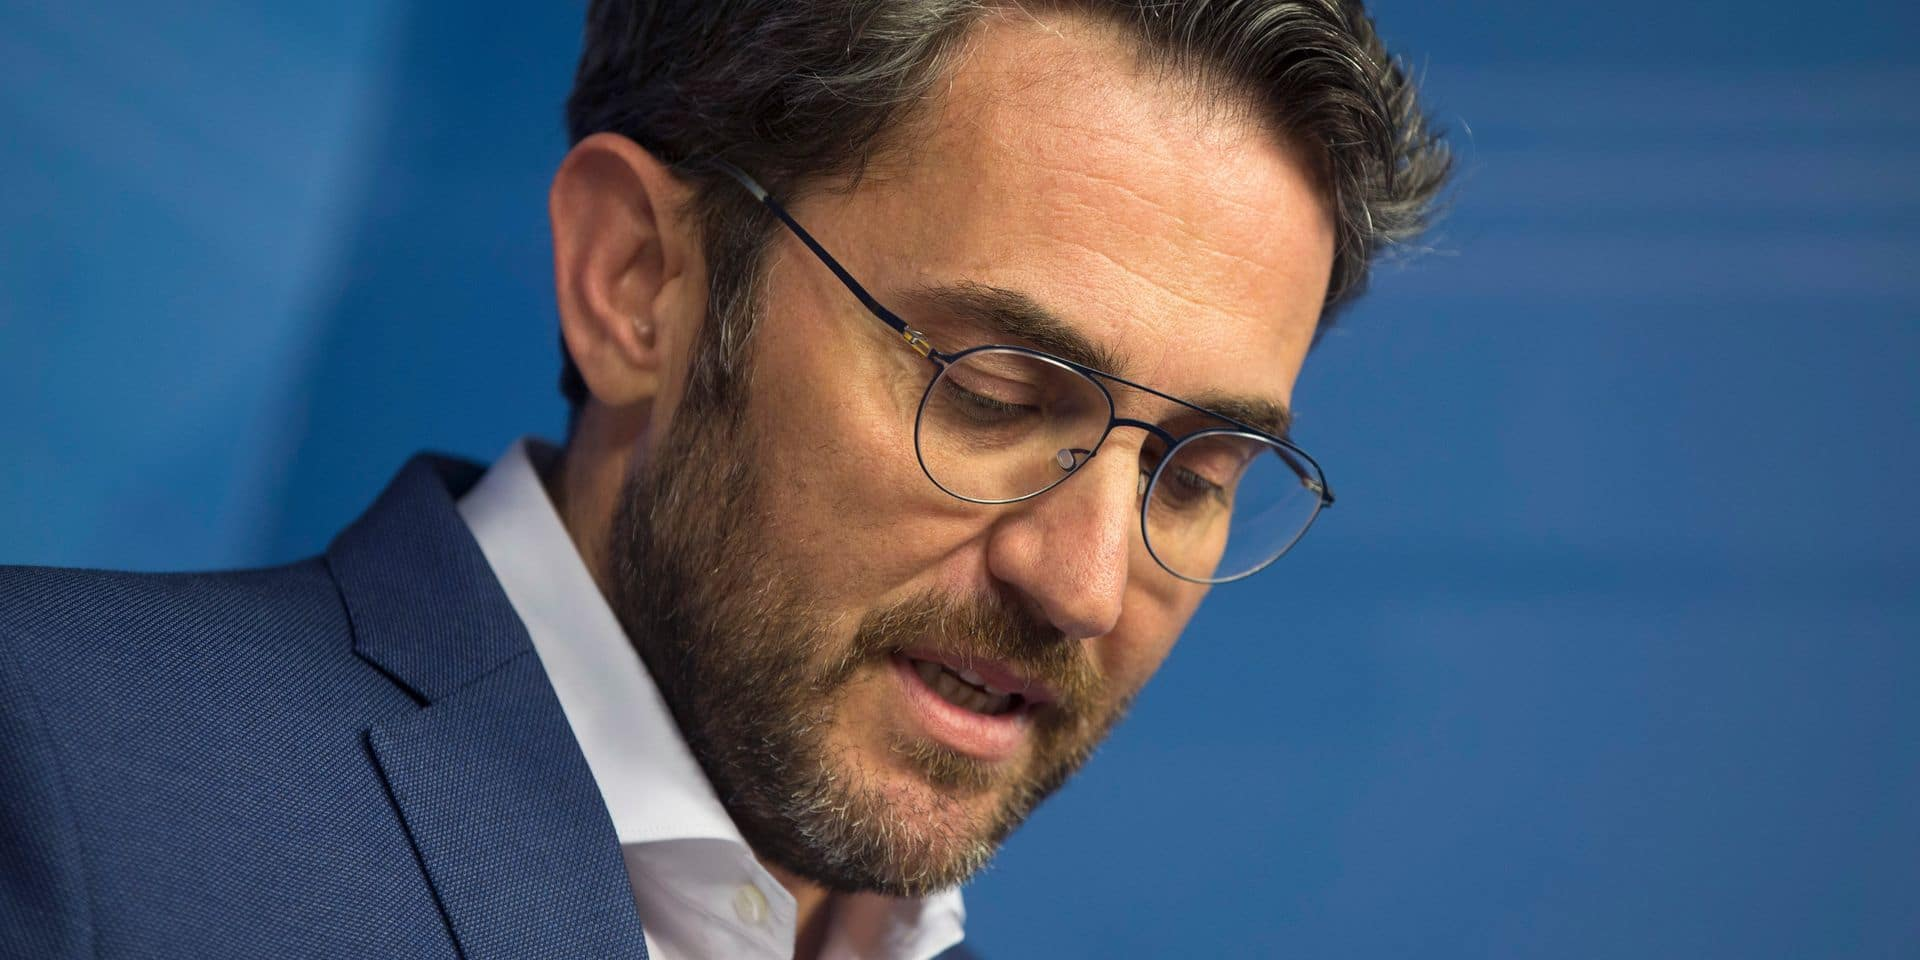 Une semaine après la formation du gouvernement espagnol, un ministre démissionne à cause d'ennuis avec le fisc